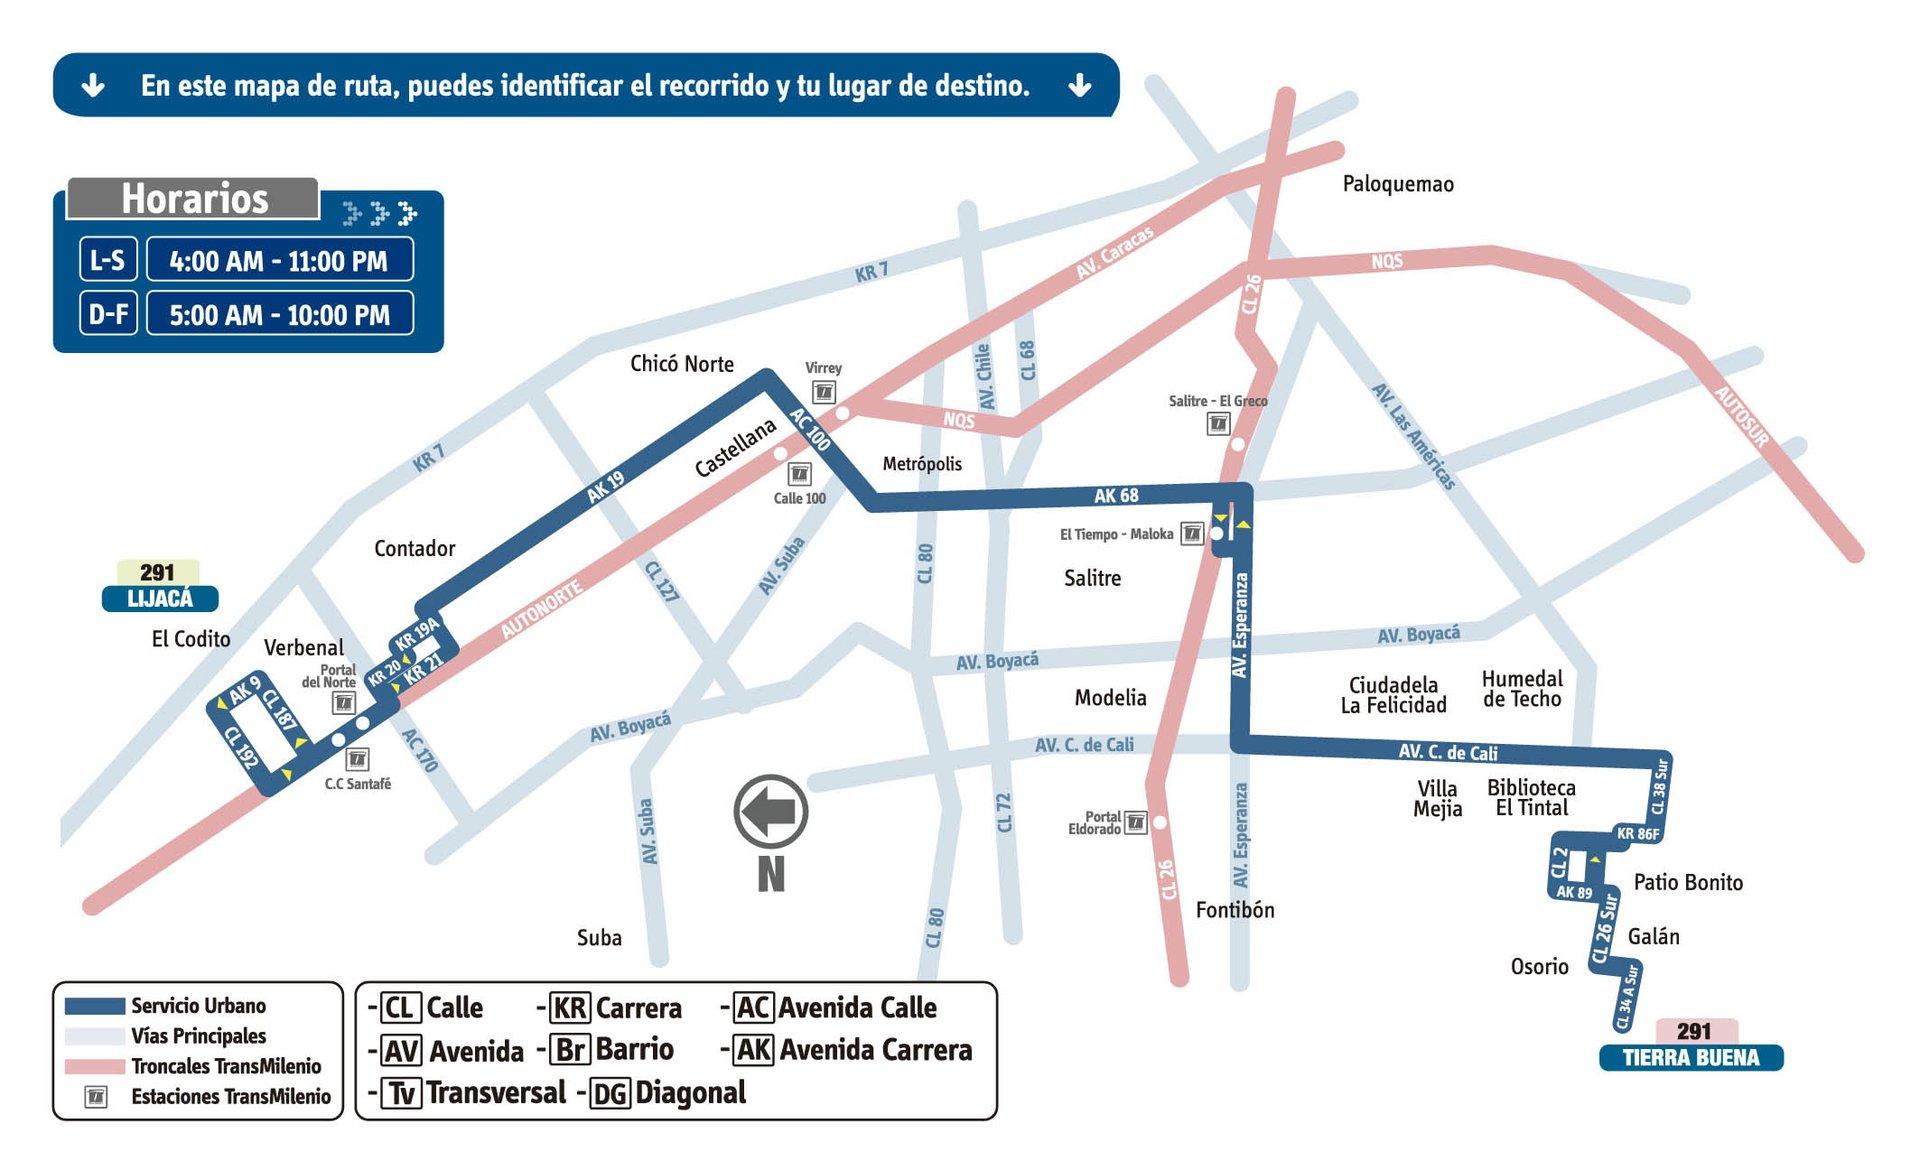 Ruta SITP: 291 Tierra Buena ↔ Lijacá [Urbana] 6